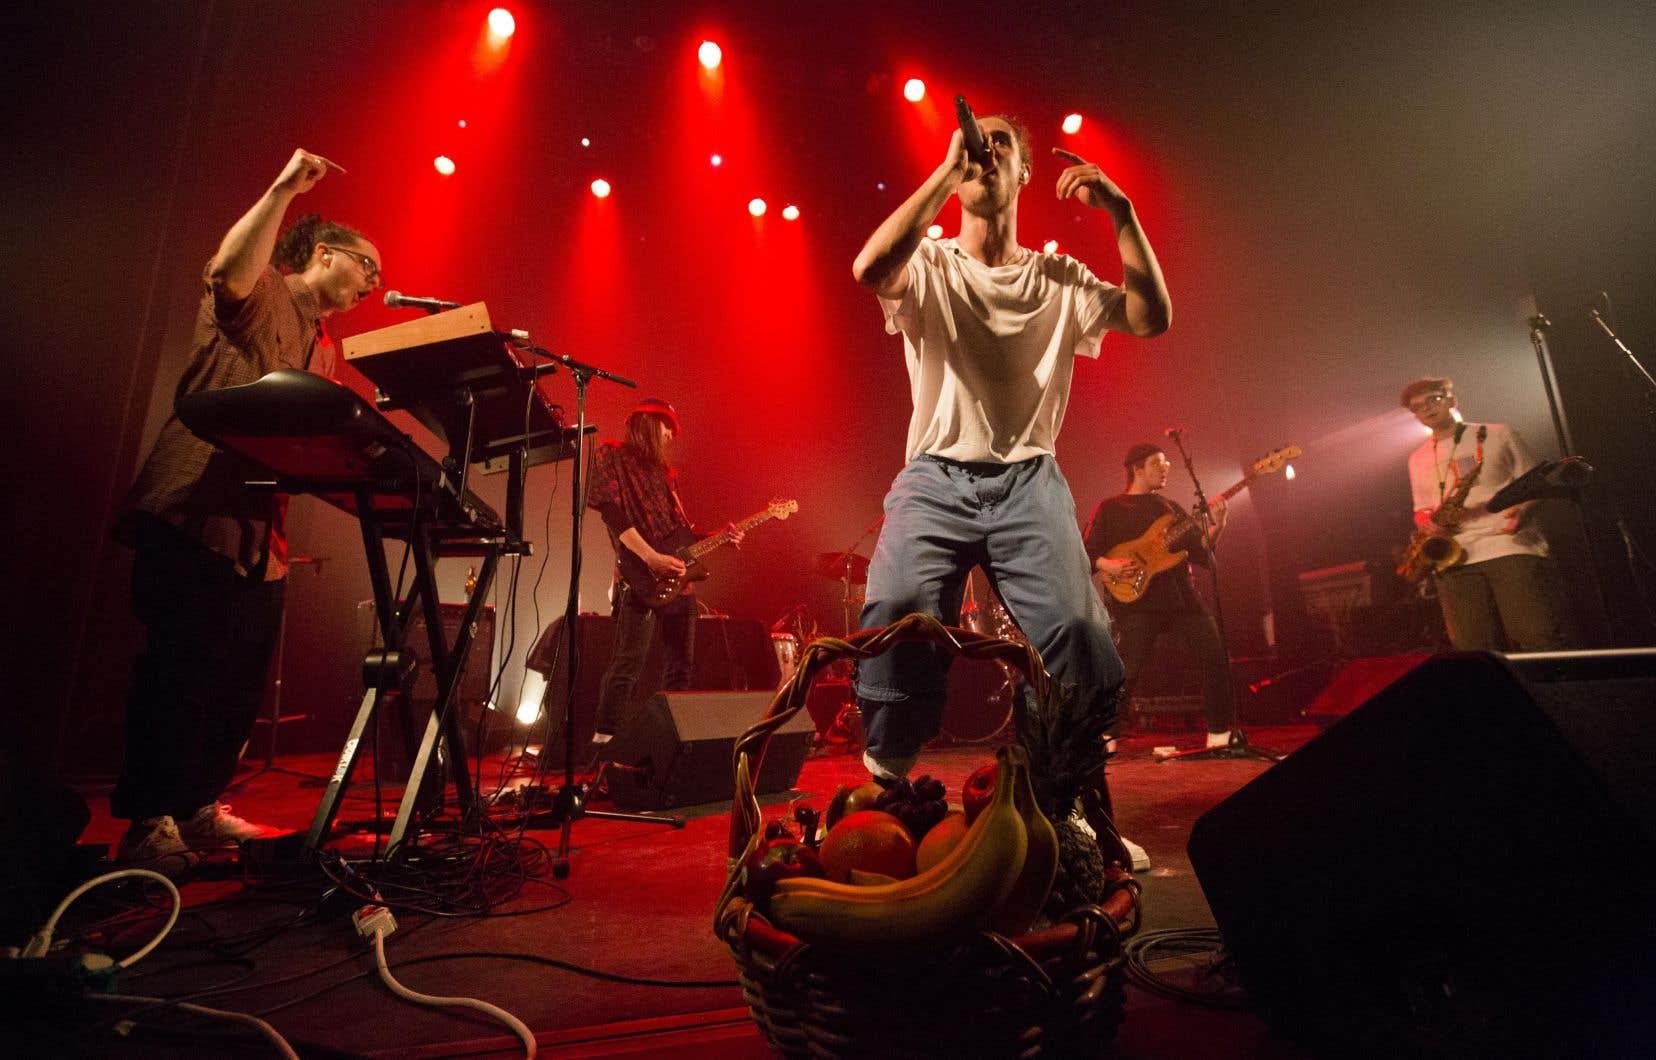 Aujourd'hui, la pop est rap, ingrédient essentiel à la recette d'O.G.B., qui, à sa manière, reprend le flambeau du gagnant de l'an dernier, le sextuor hip-hop LaF.